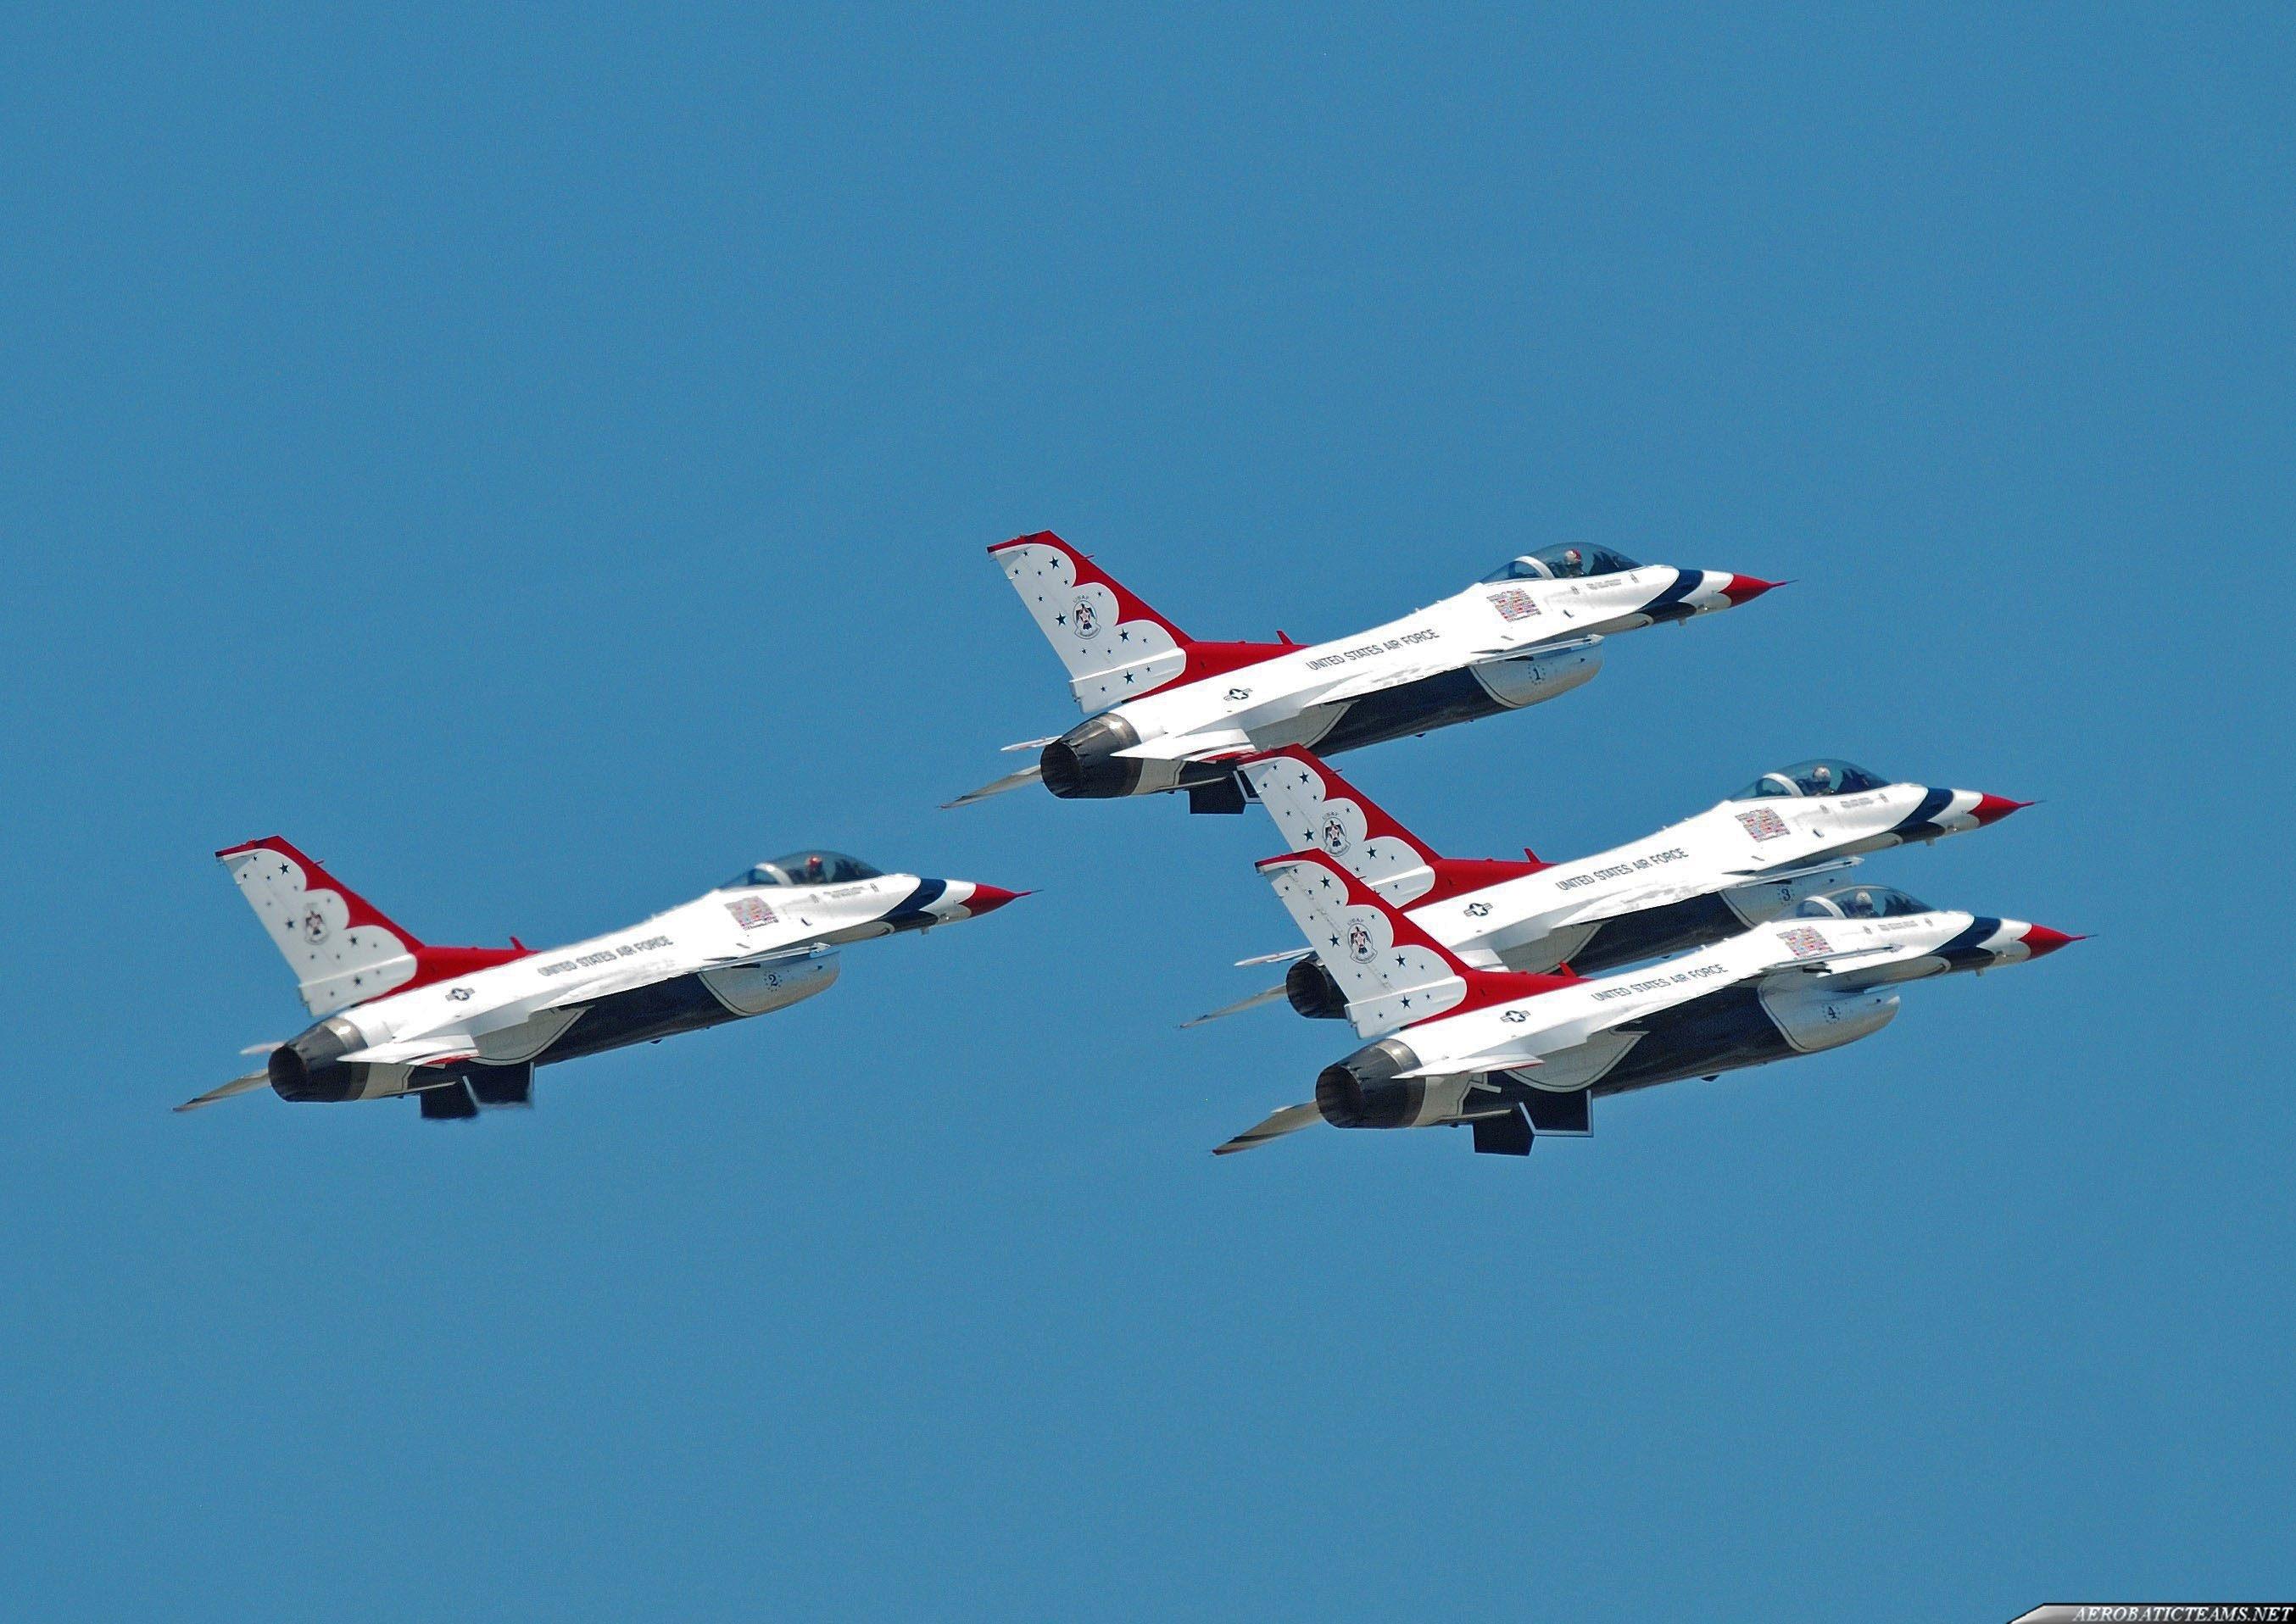 Thunderbirds resume flights